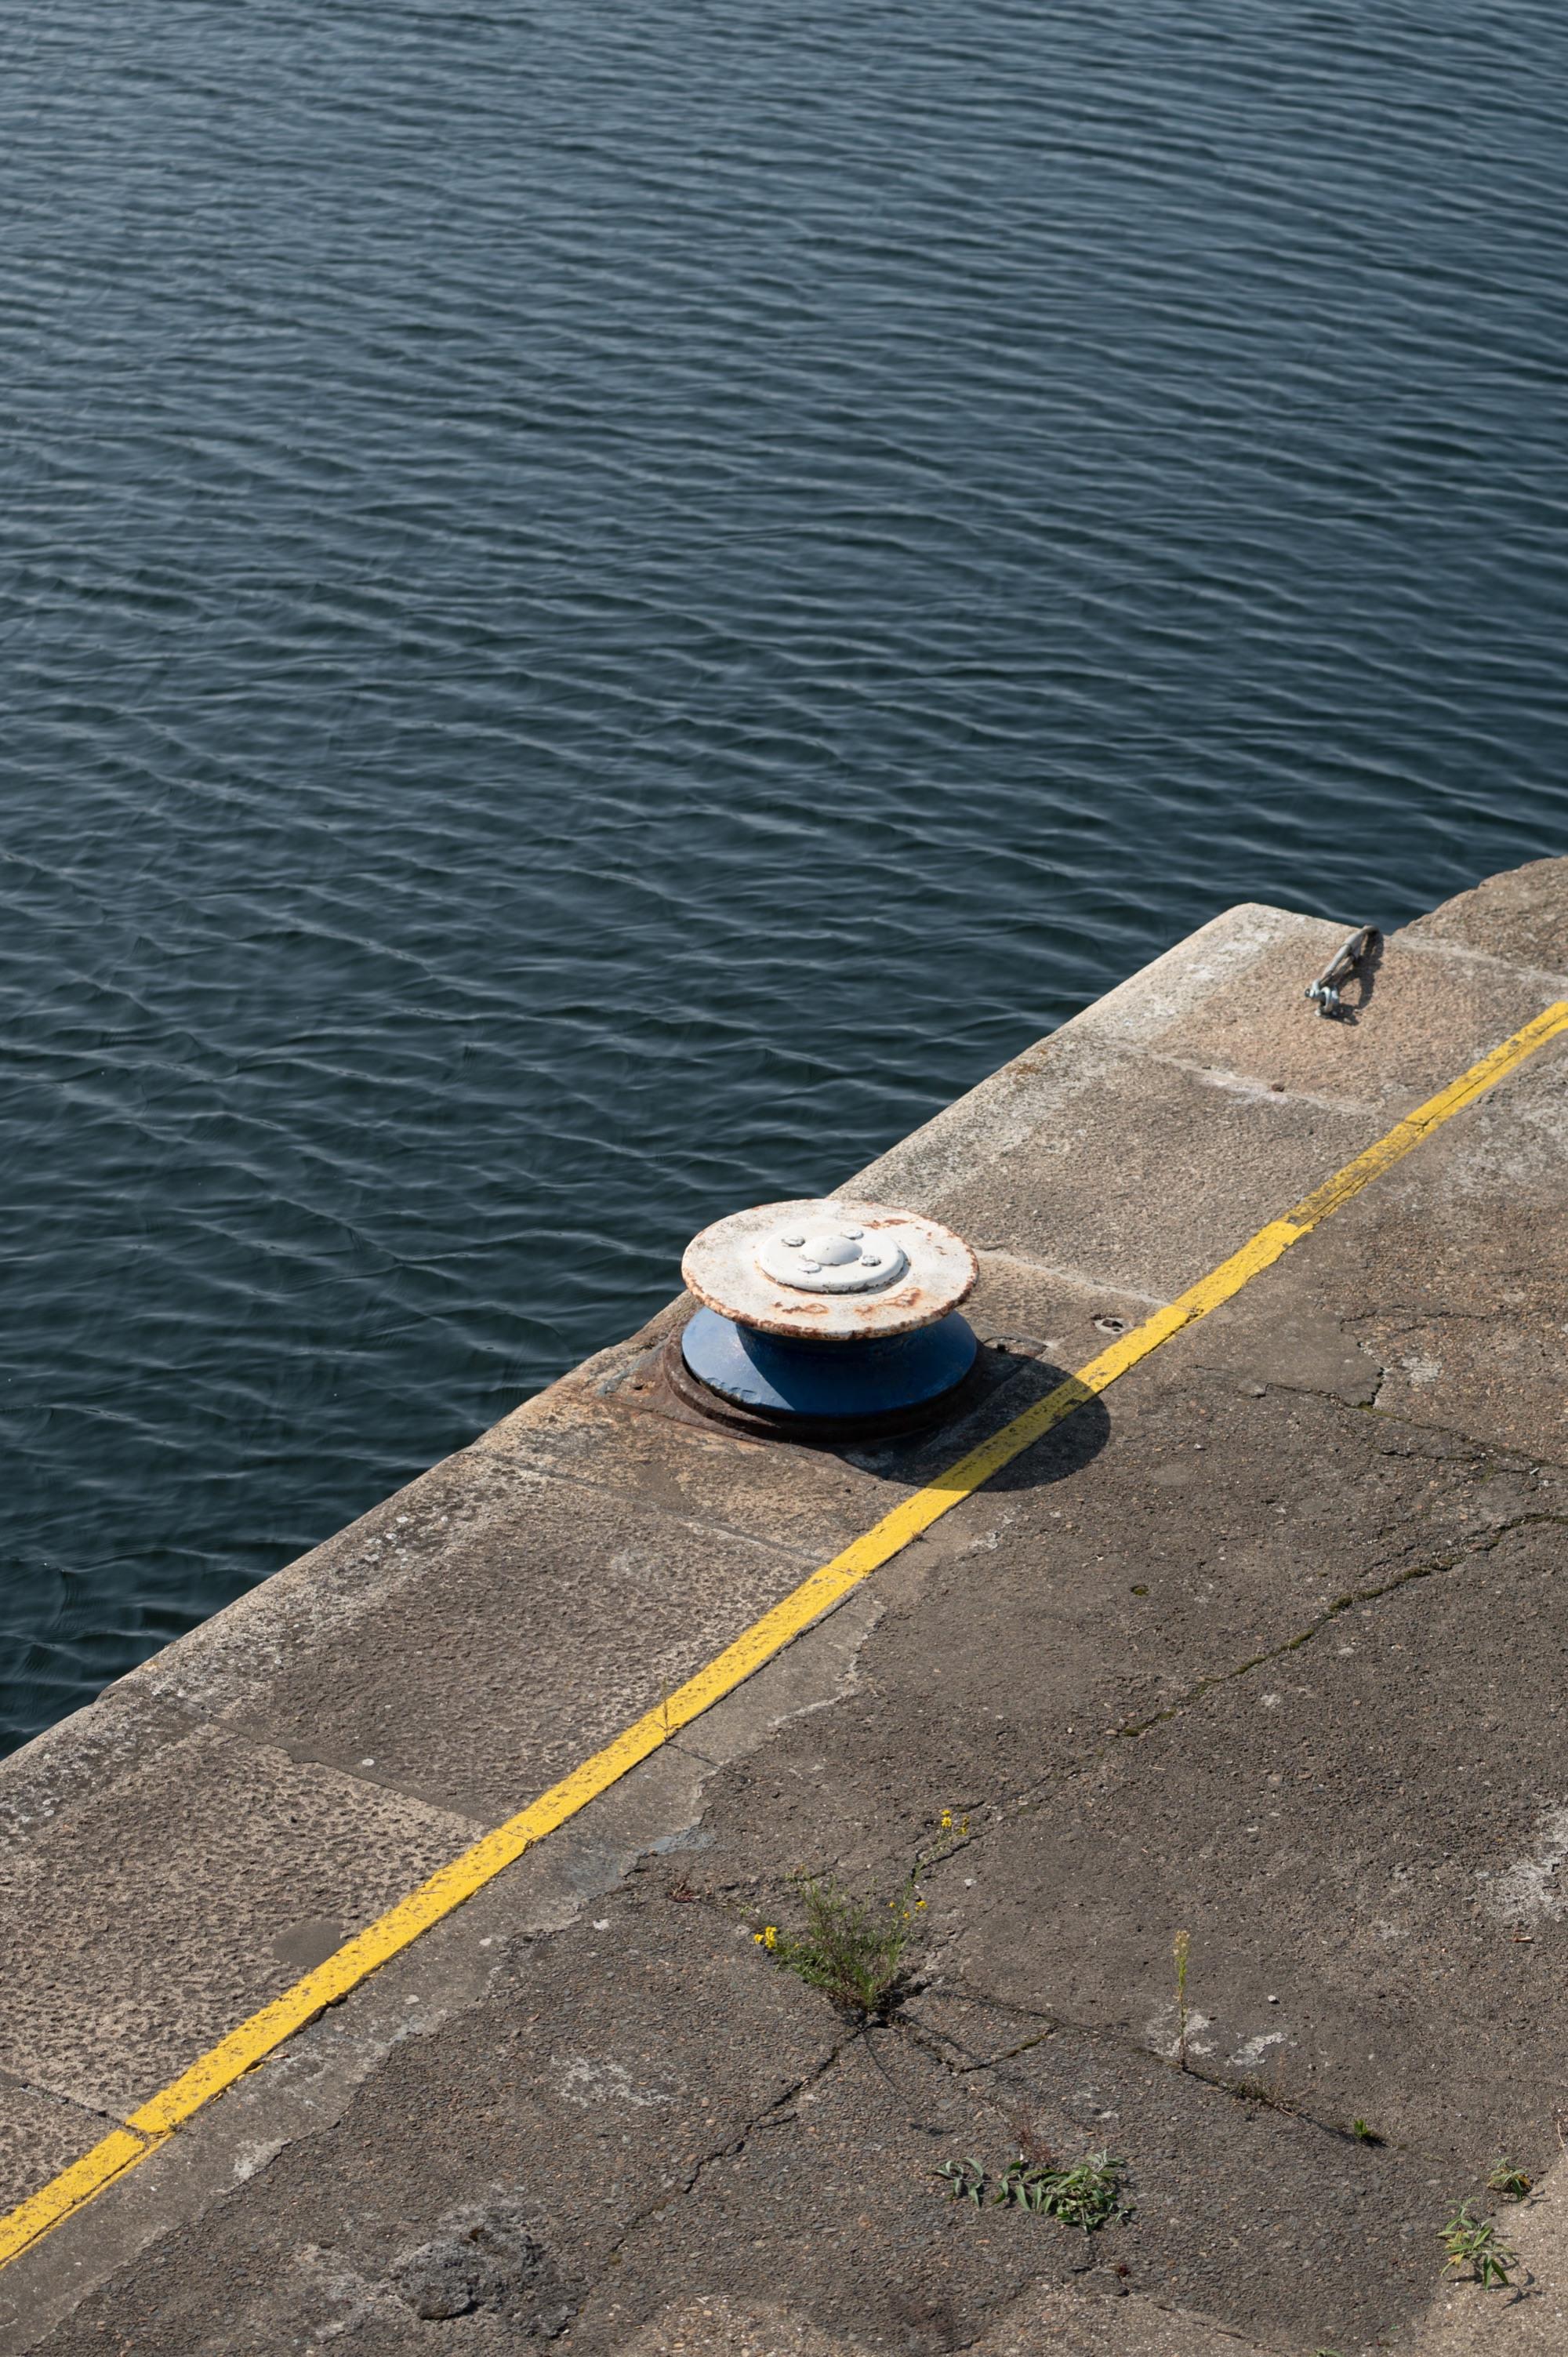 Royal Docks waterside